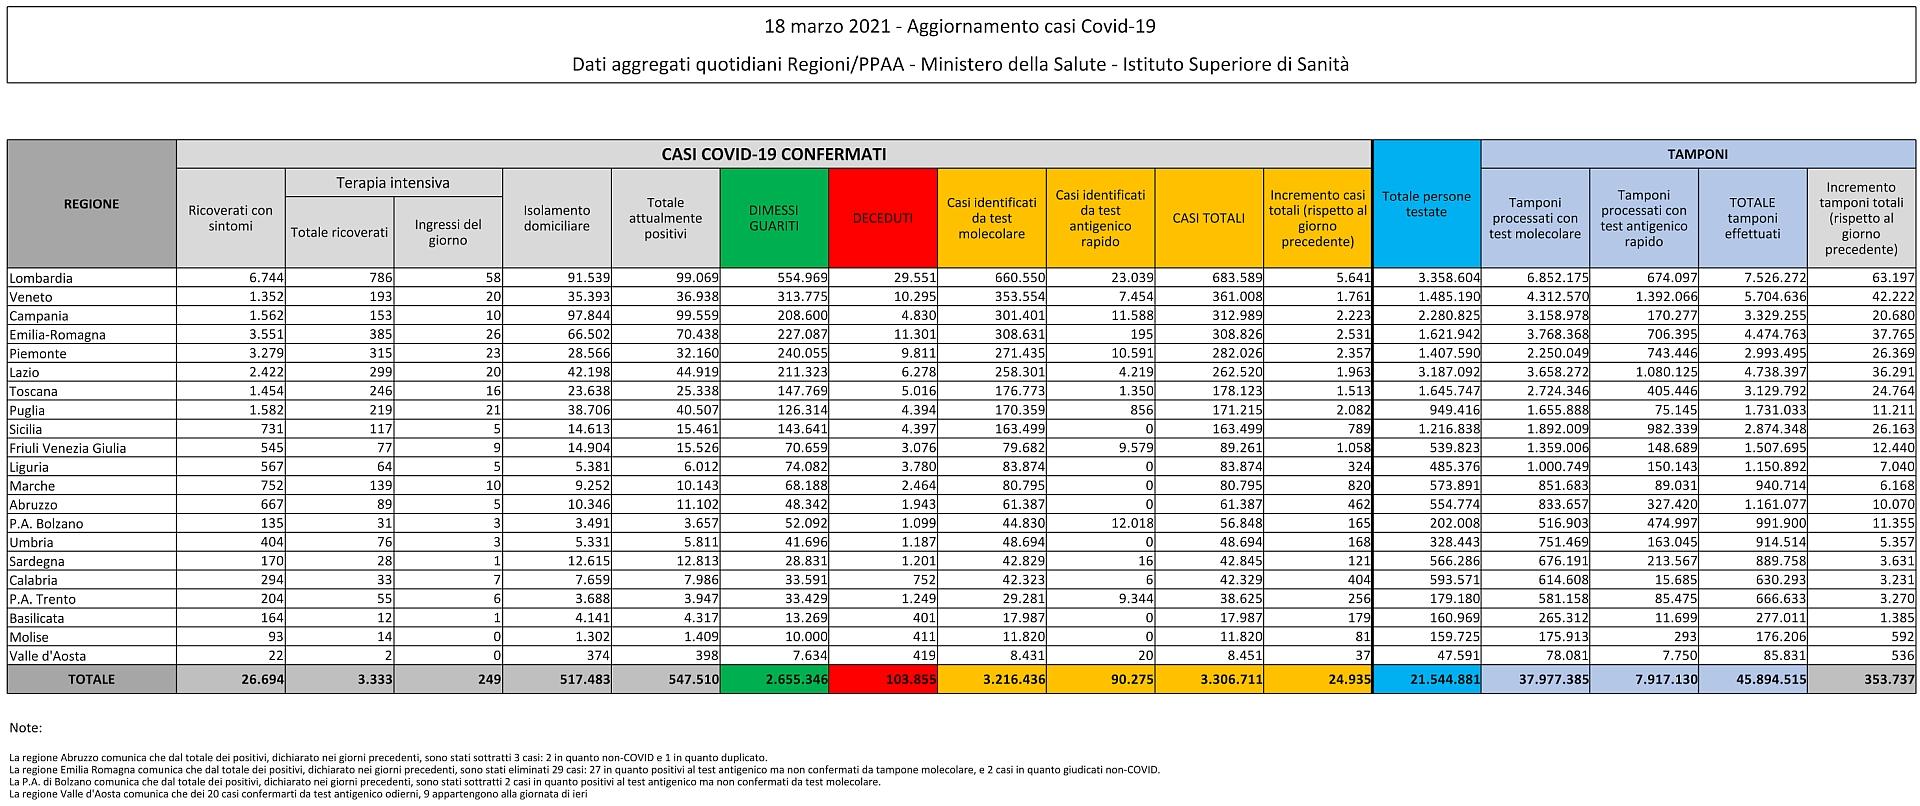 18 marzo 2021 - Aggiornamento casi Covid-19 Dati aggregati quotidiani Regioni/PPAA - Ministero della Salute - Istituto Superiore di Sanità